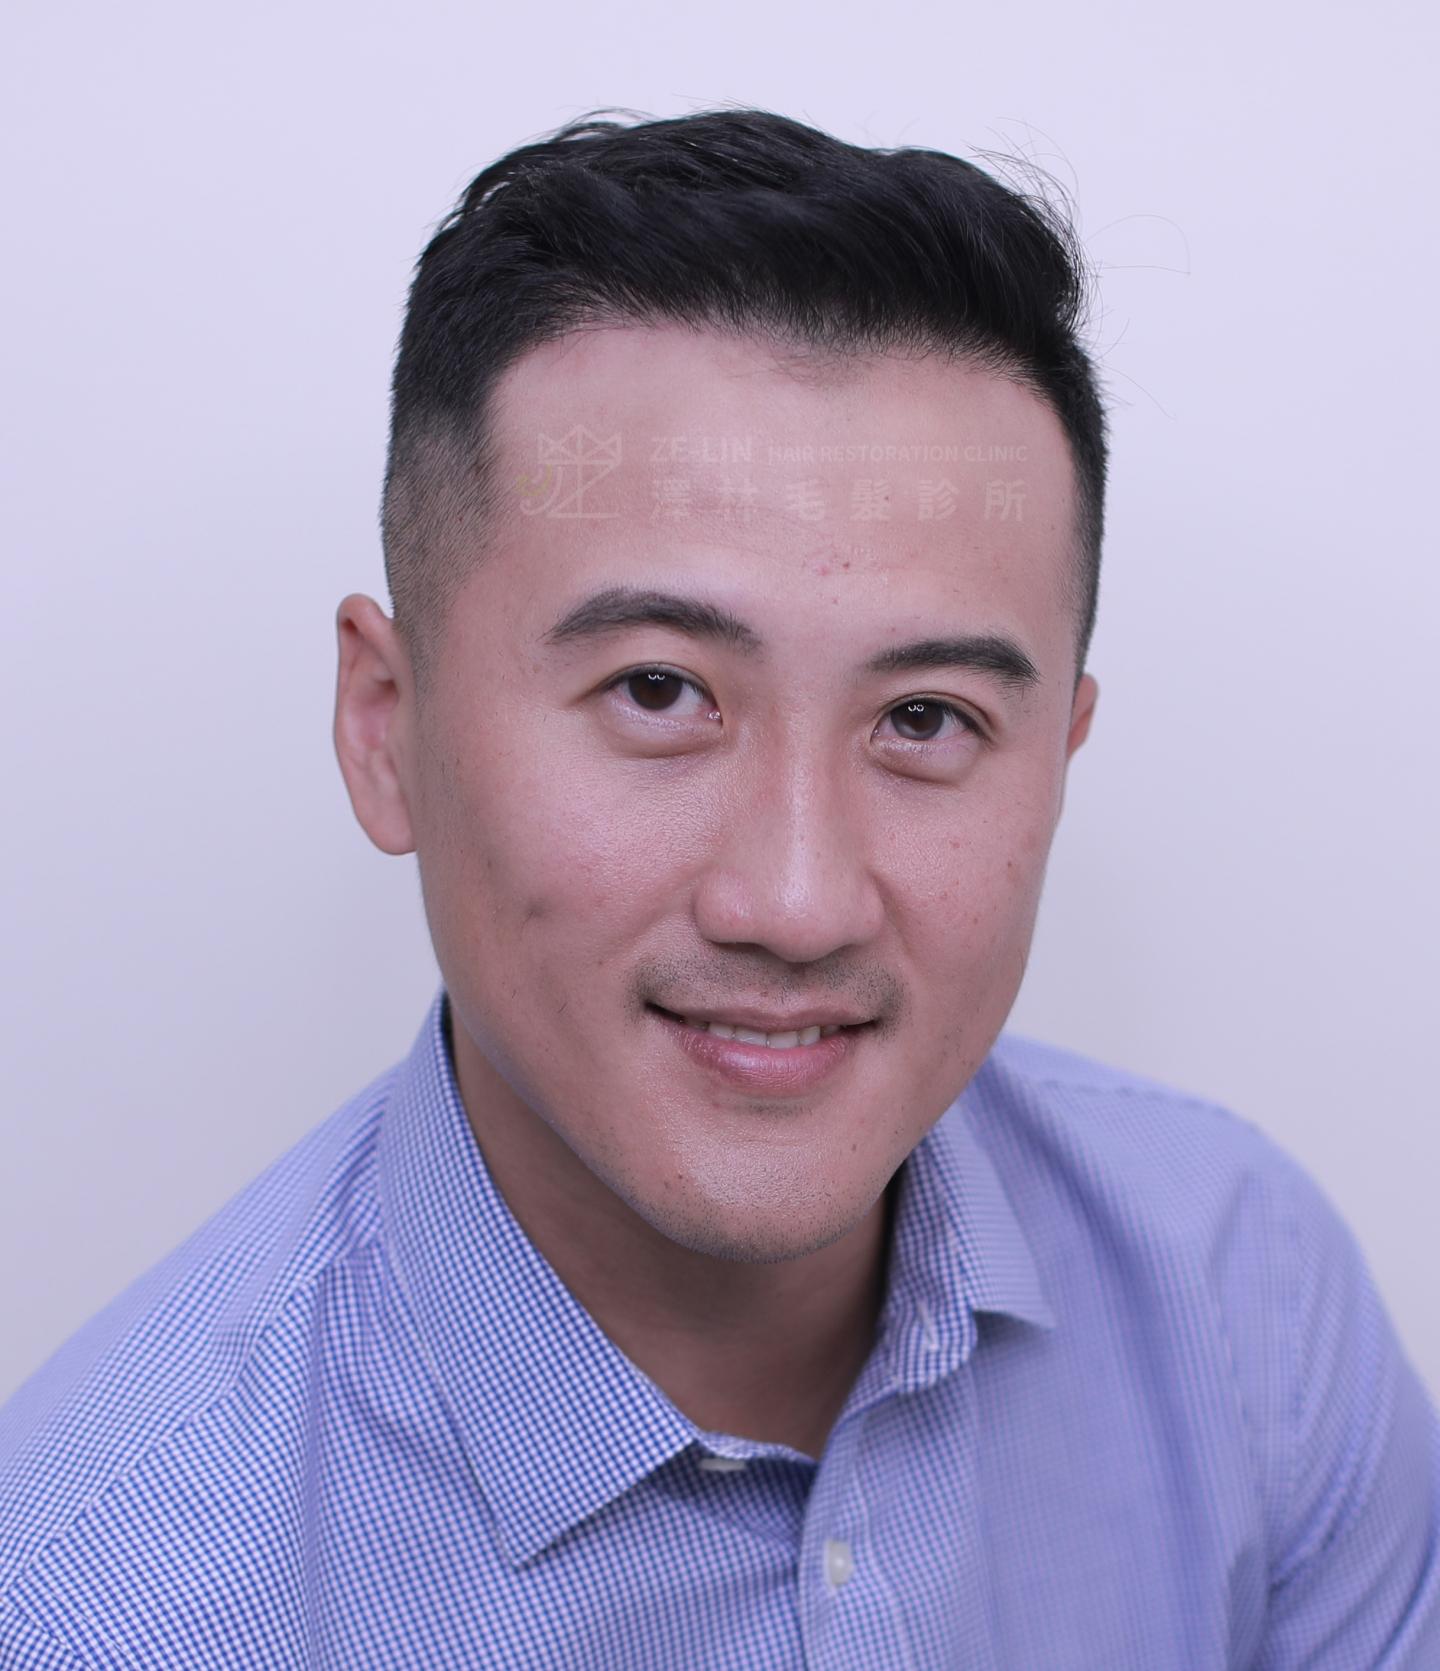 M型禿植髮案例:術後正面